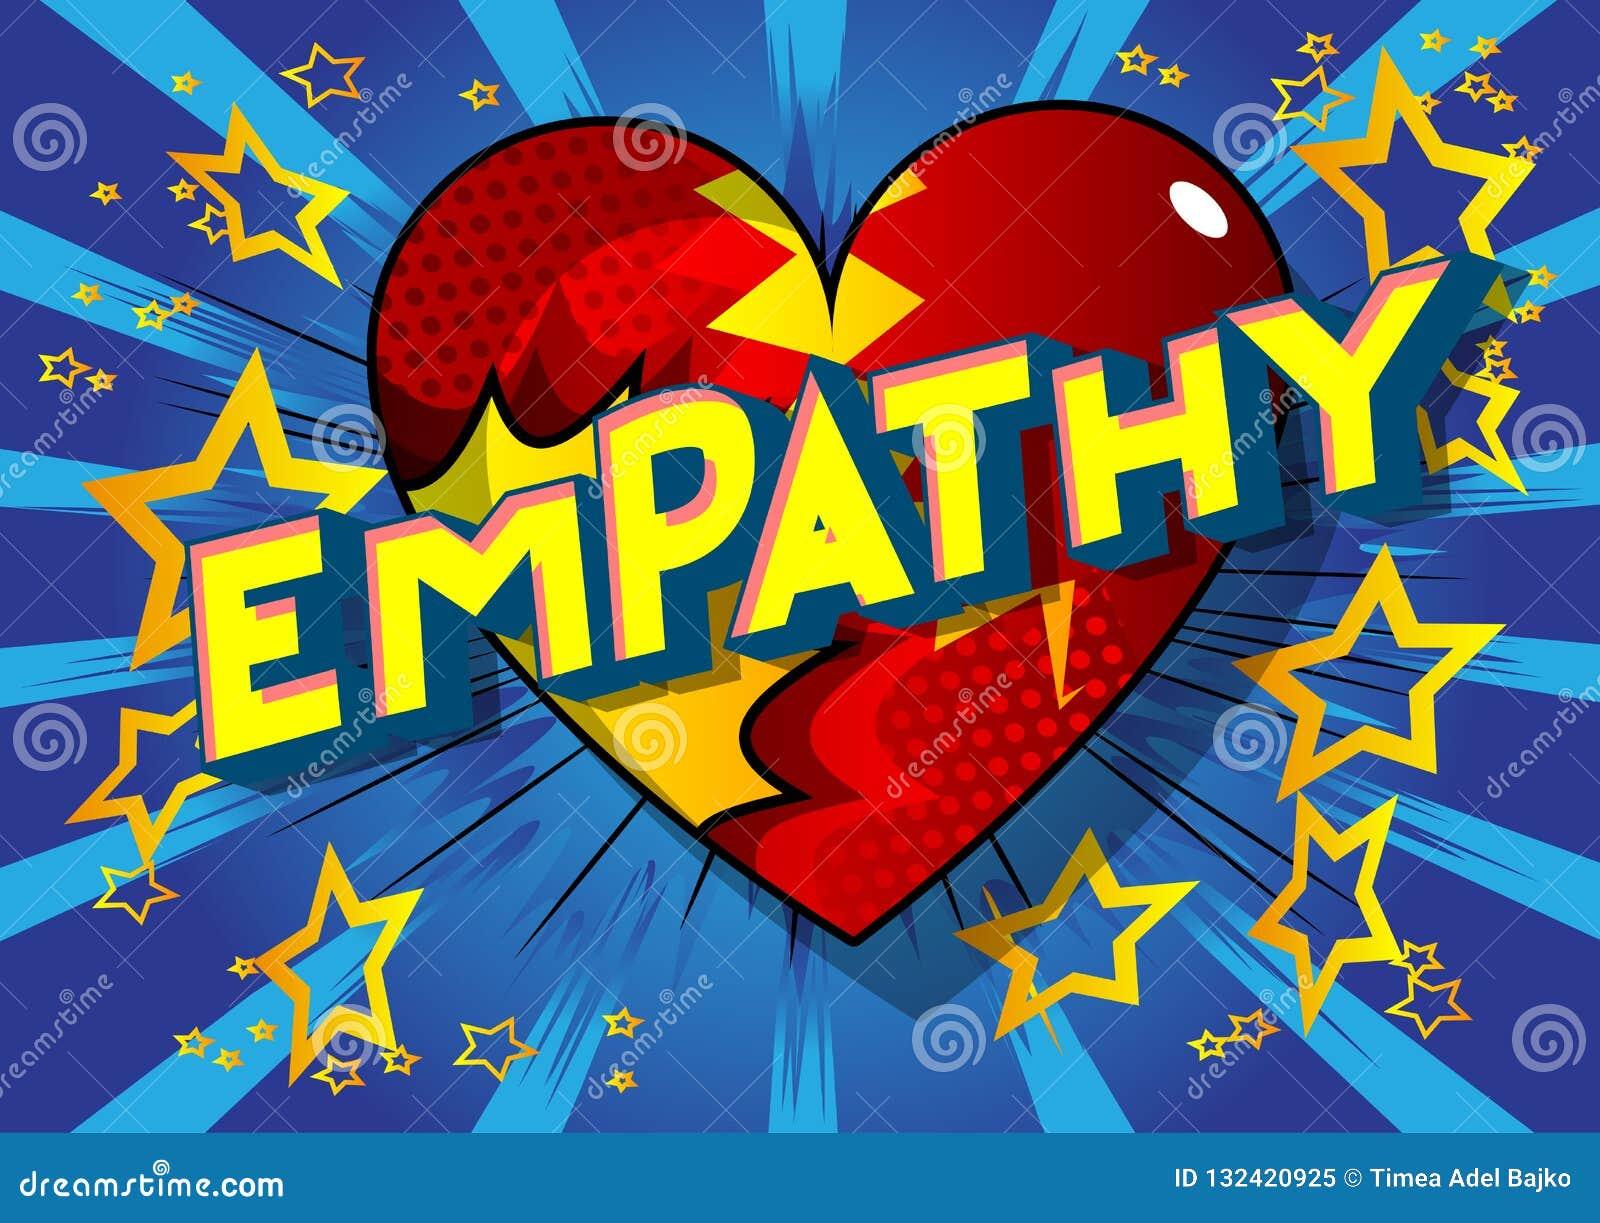 Empatia - parole di stile del libro di fumetti